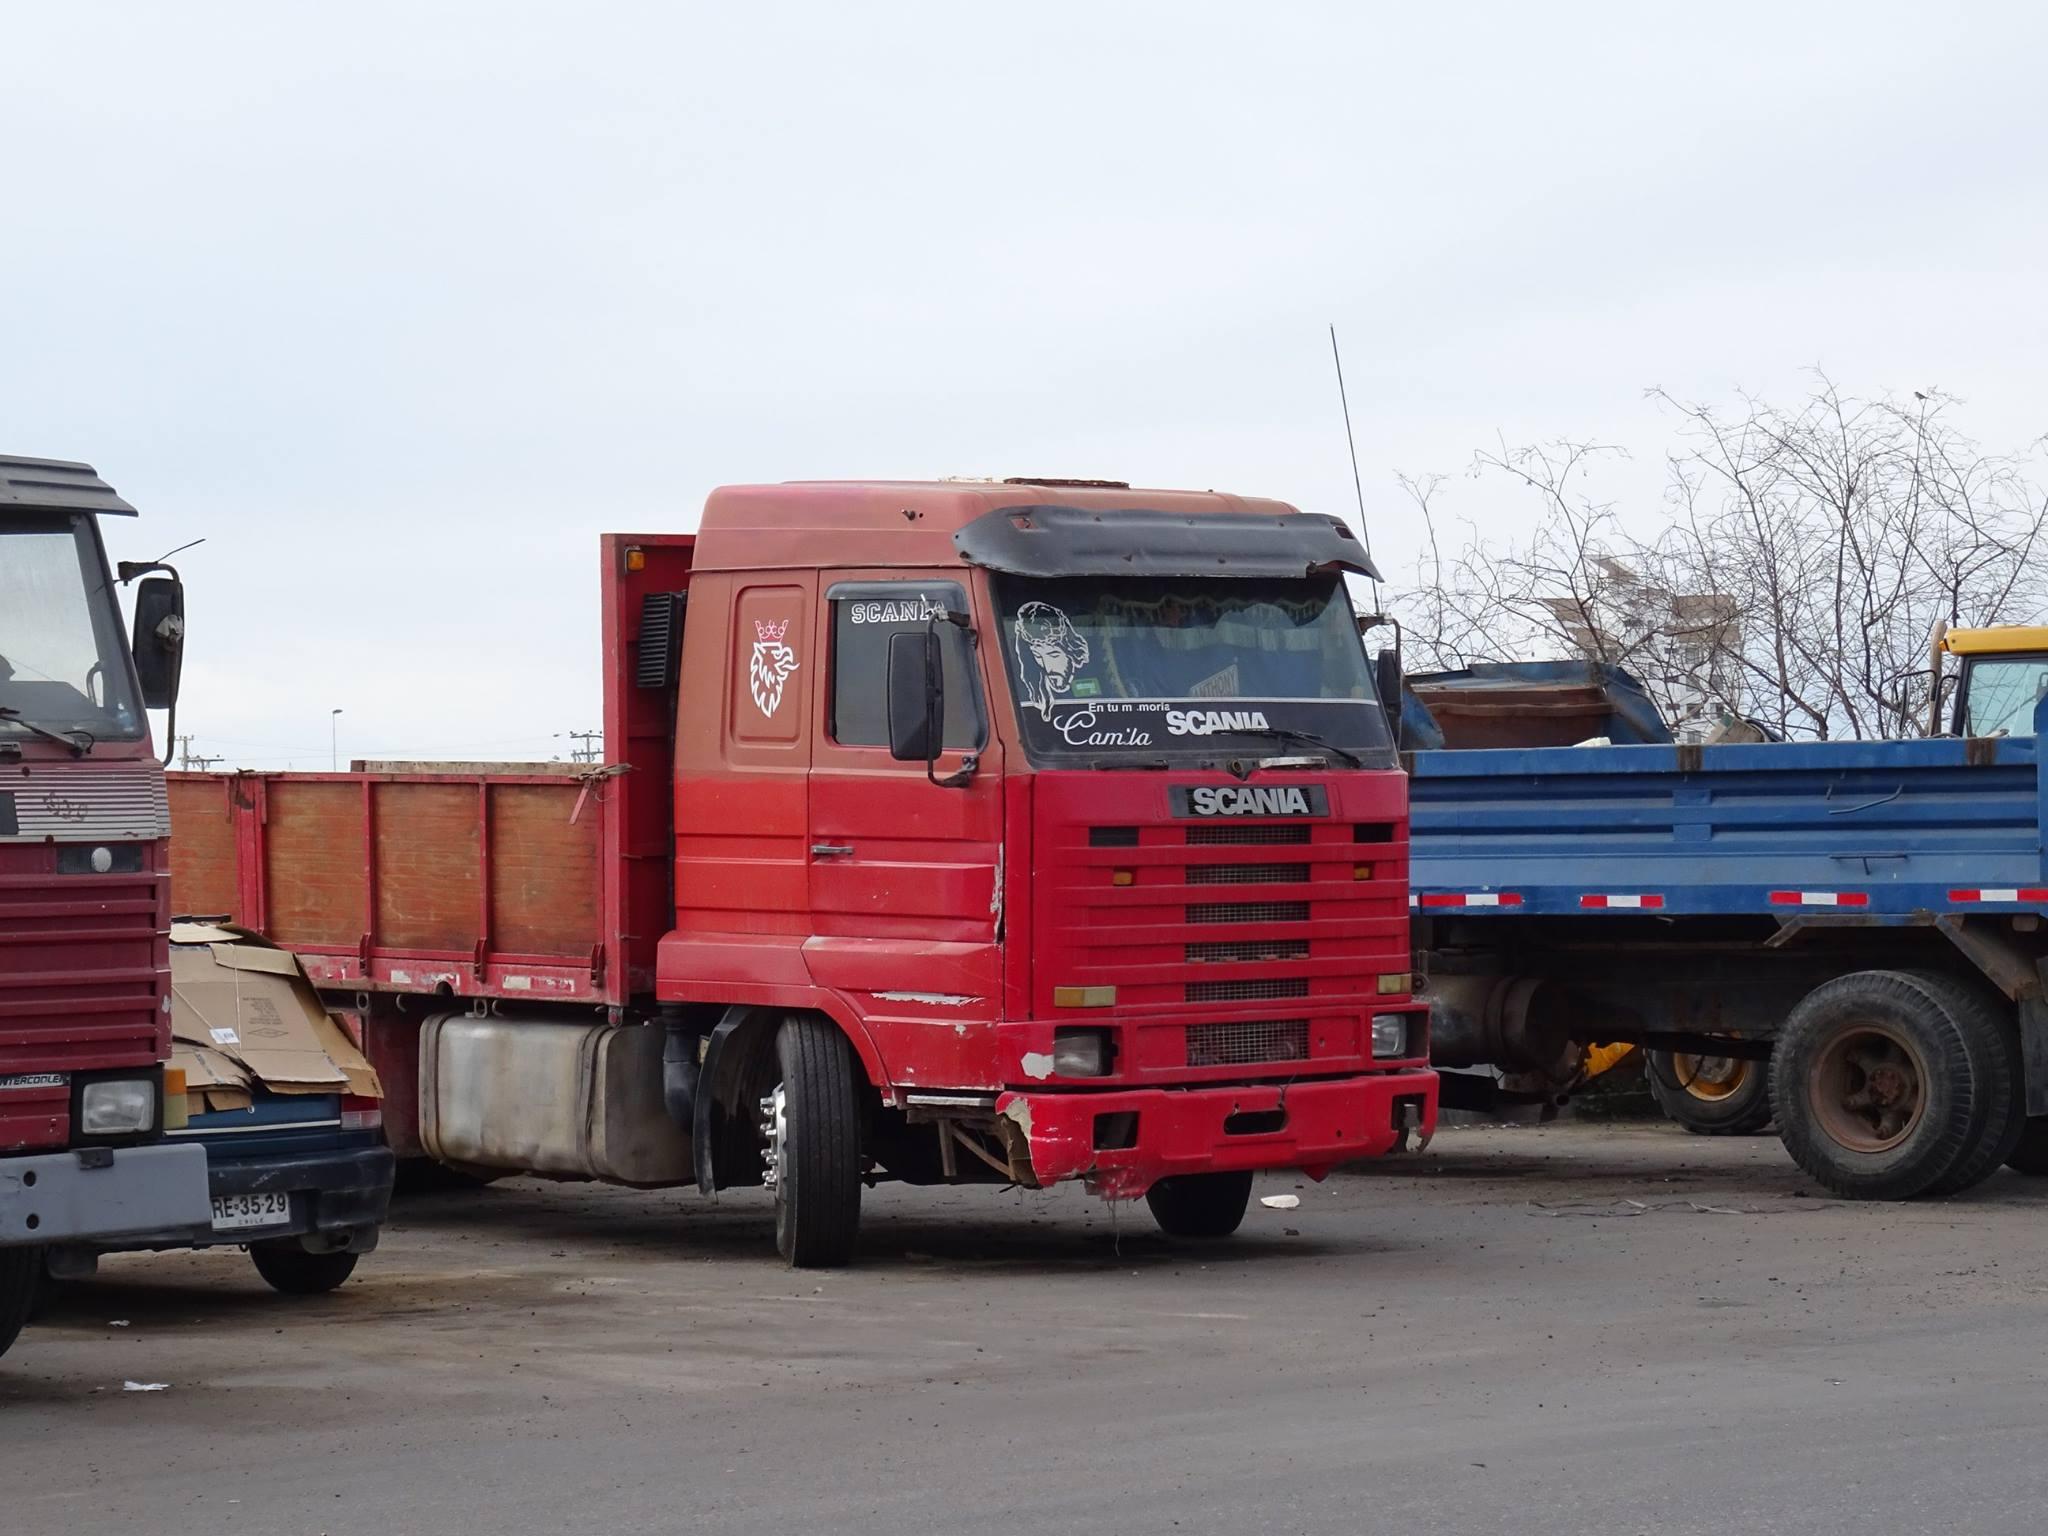 Camiones-vieja-escuela-olvidados-59